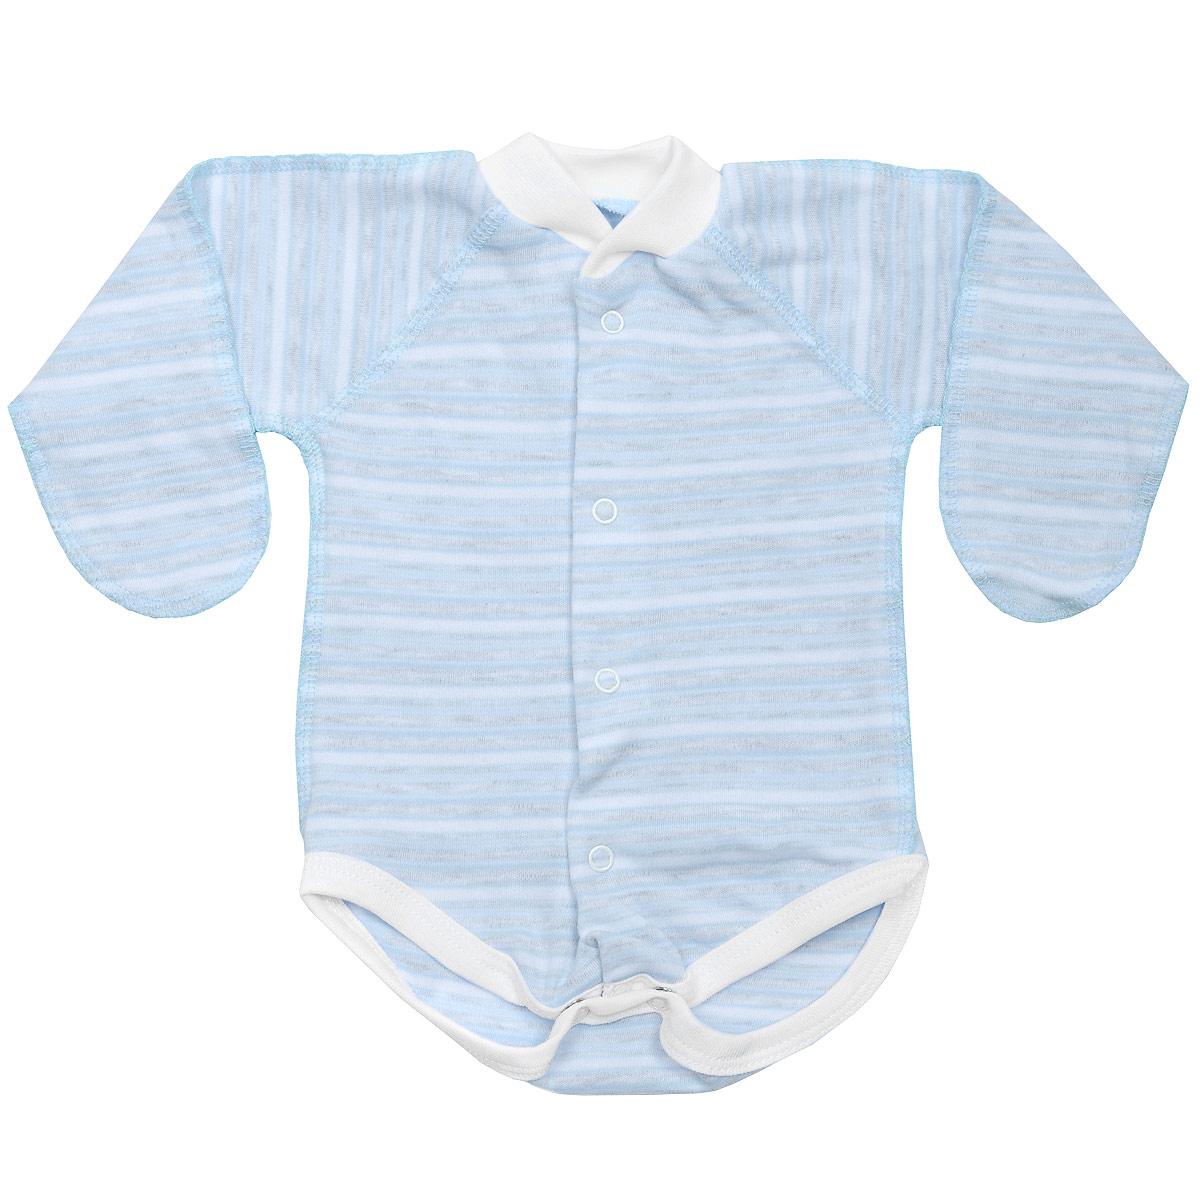 Боди детское Фреш стайл, цвет: голубой 37-329. Размер 50, 0-1 месяц красное боди emma xxl 3xl